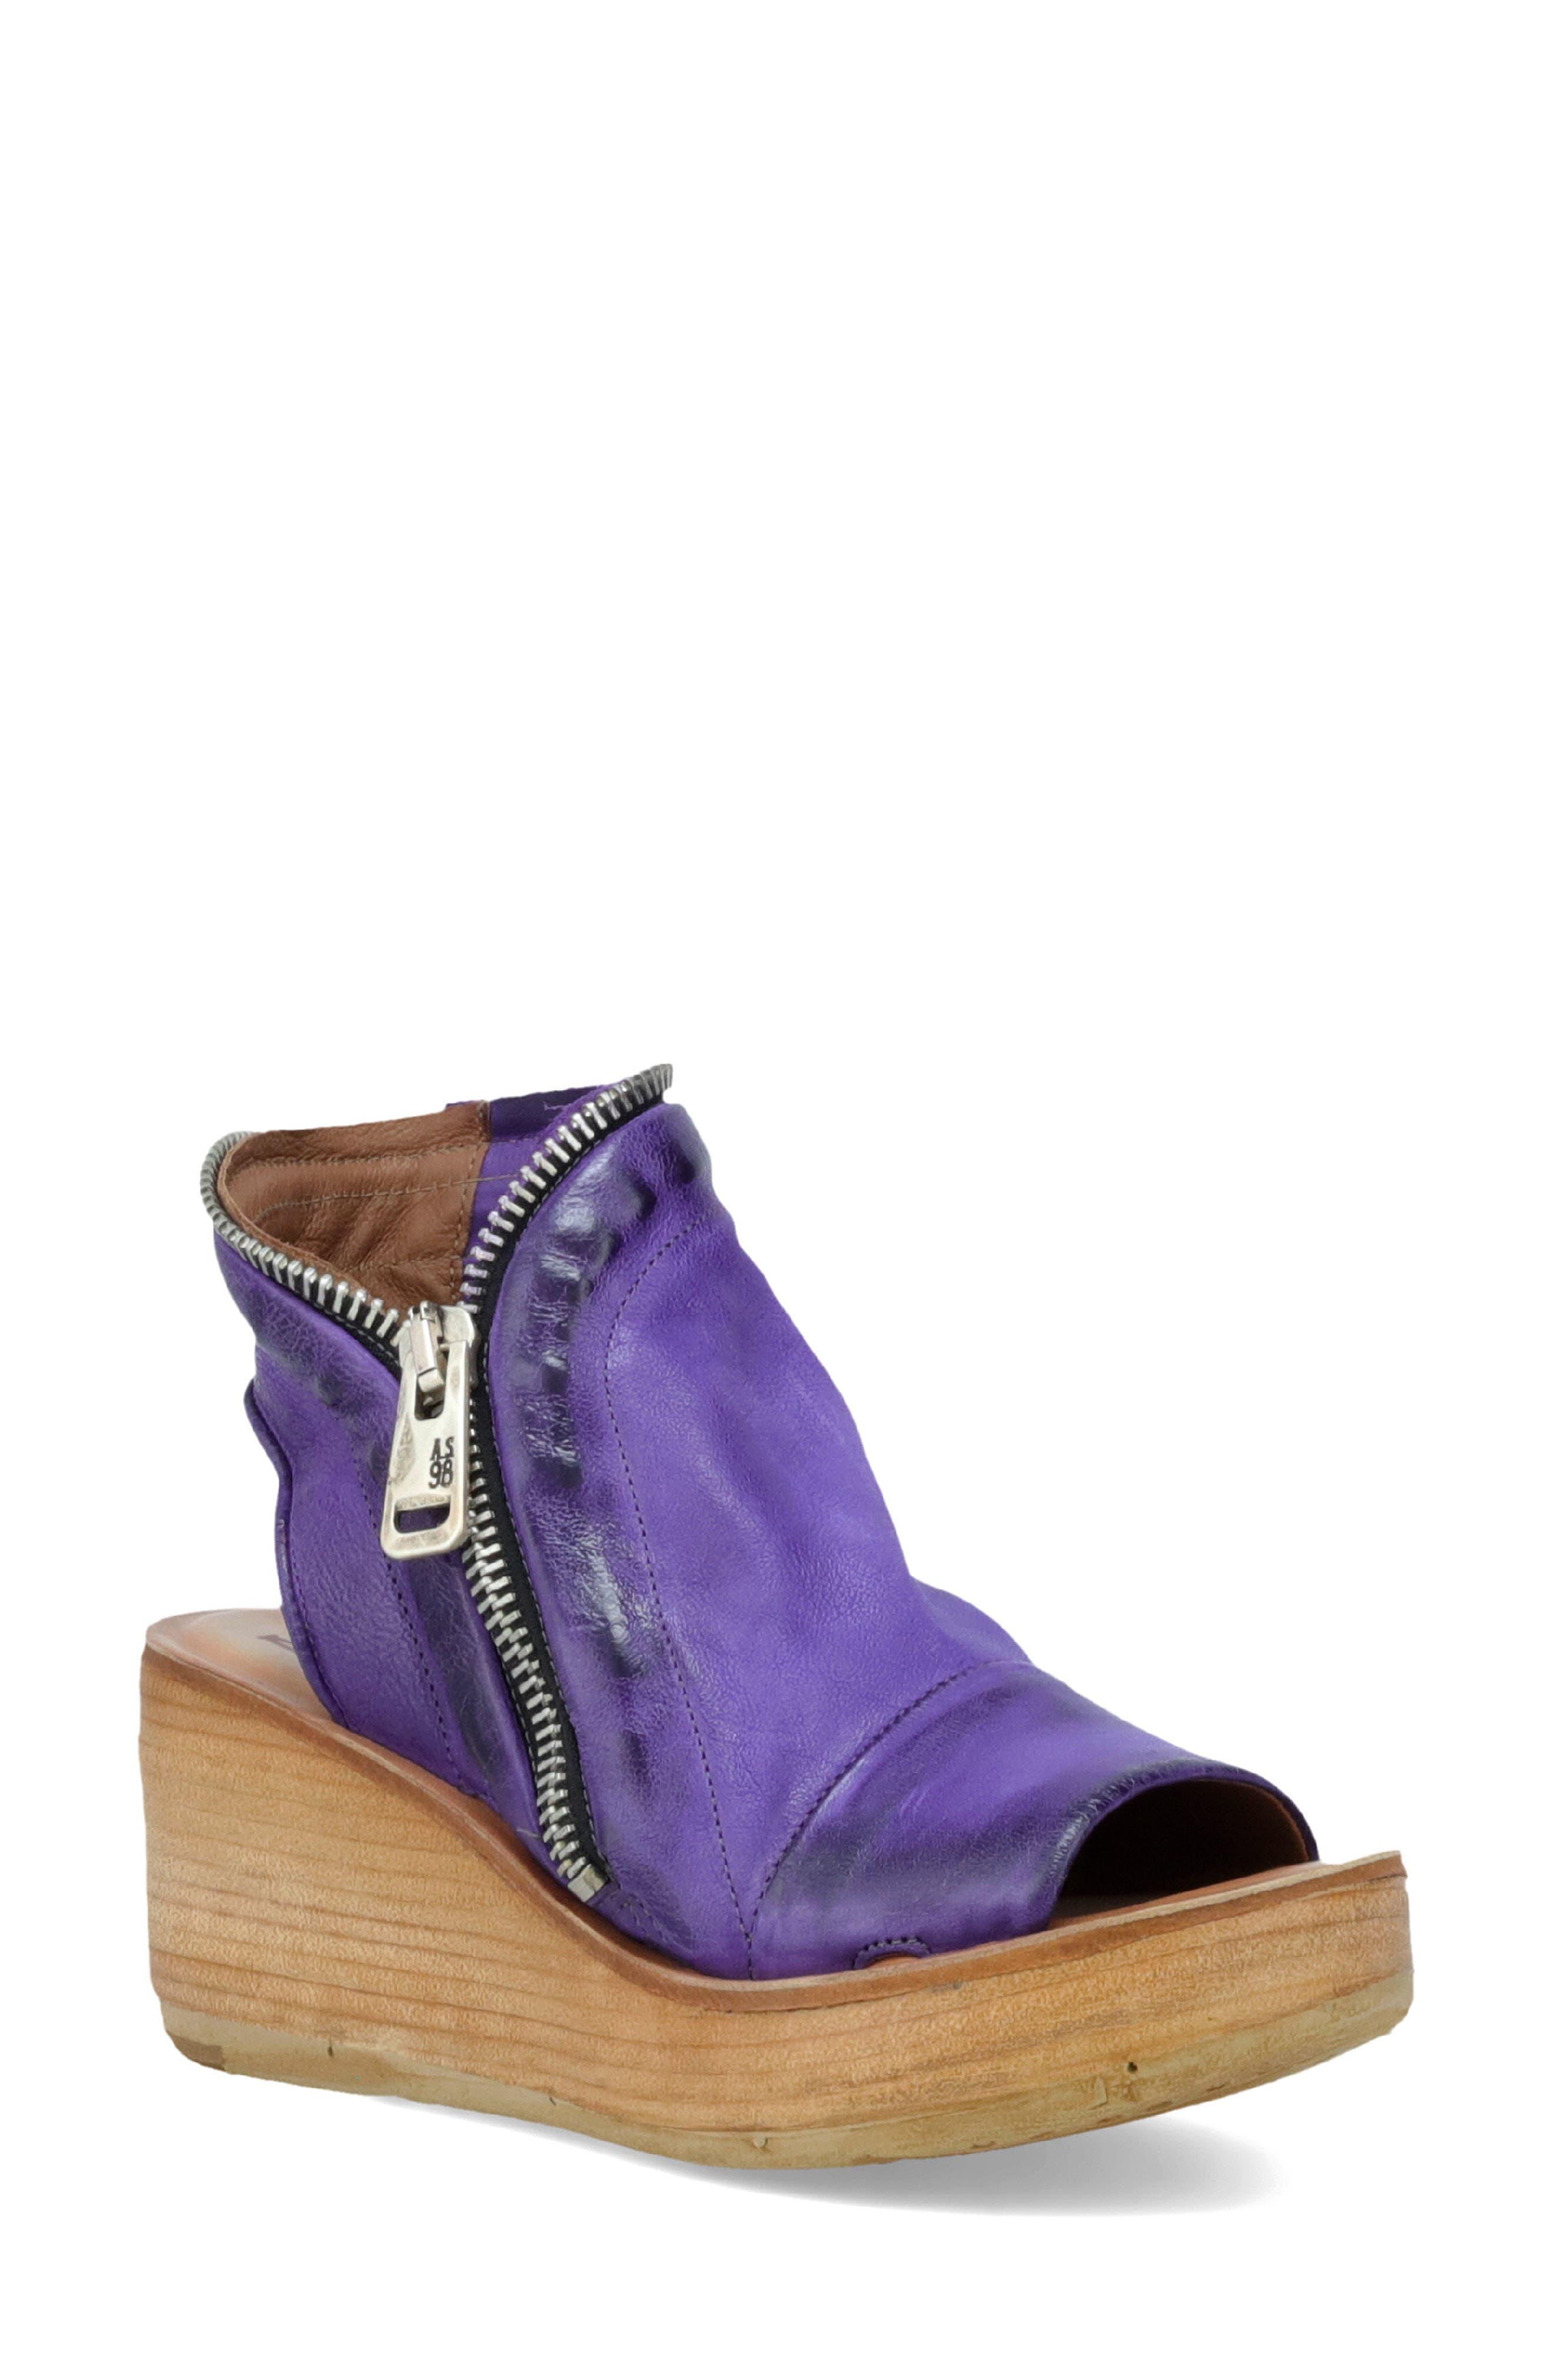 Women's A.s.98 Naylor Platform Wedge Sandal